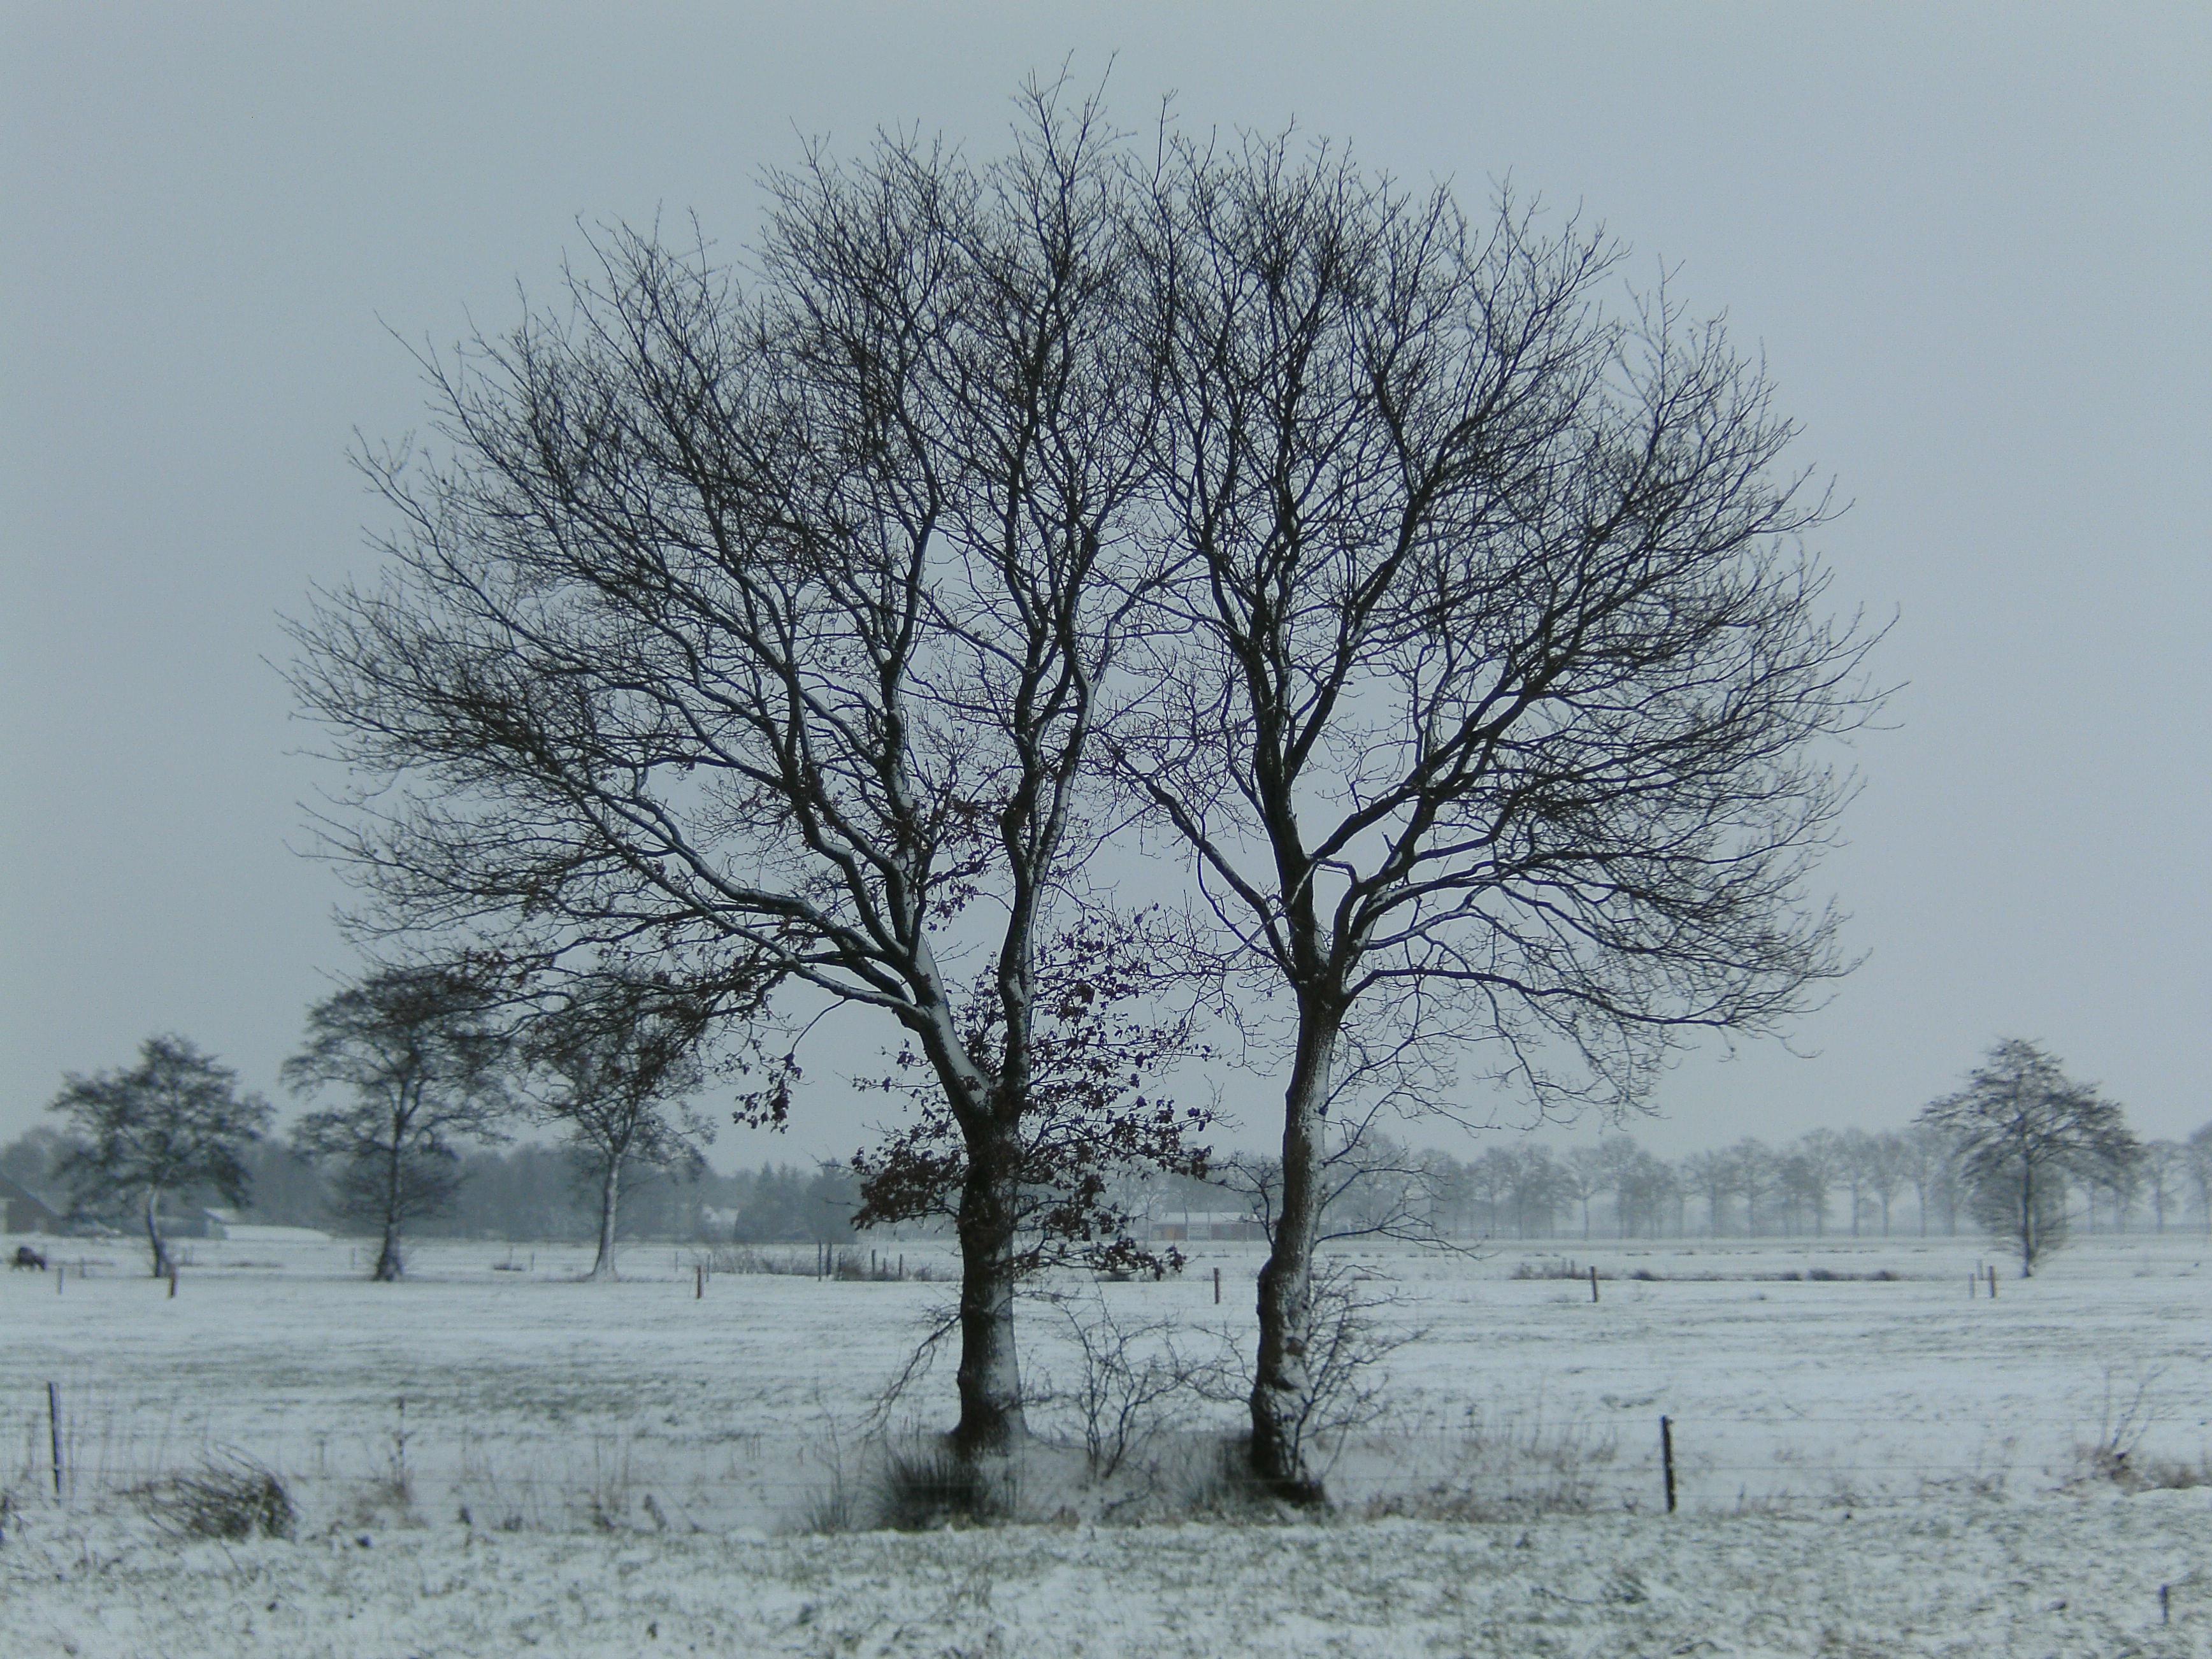 конце картинка дерево зимой без снега сухого бревна вологодского